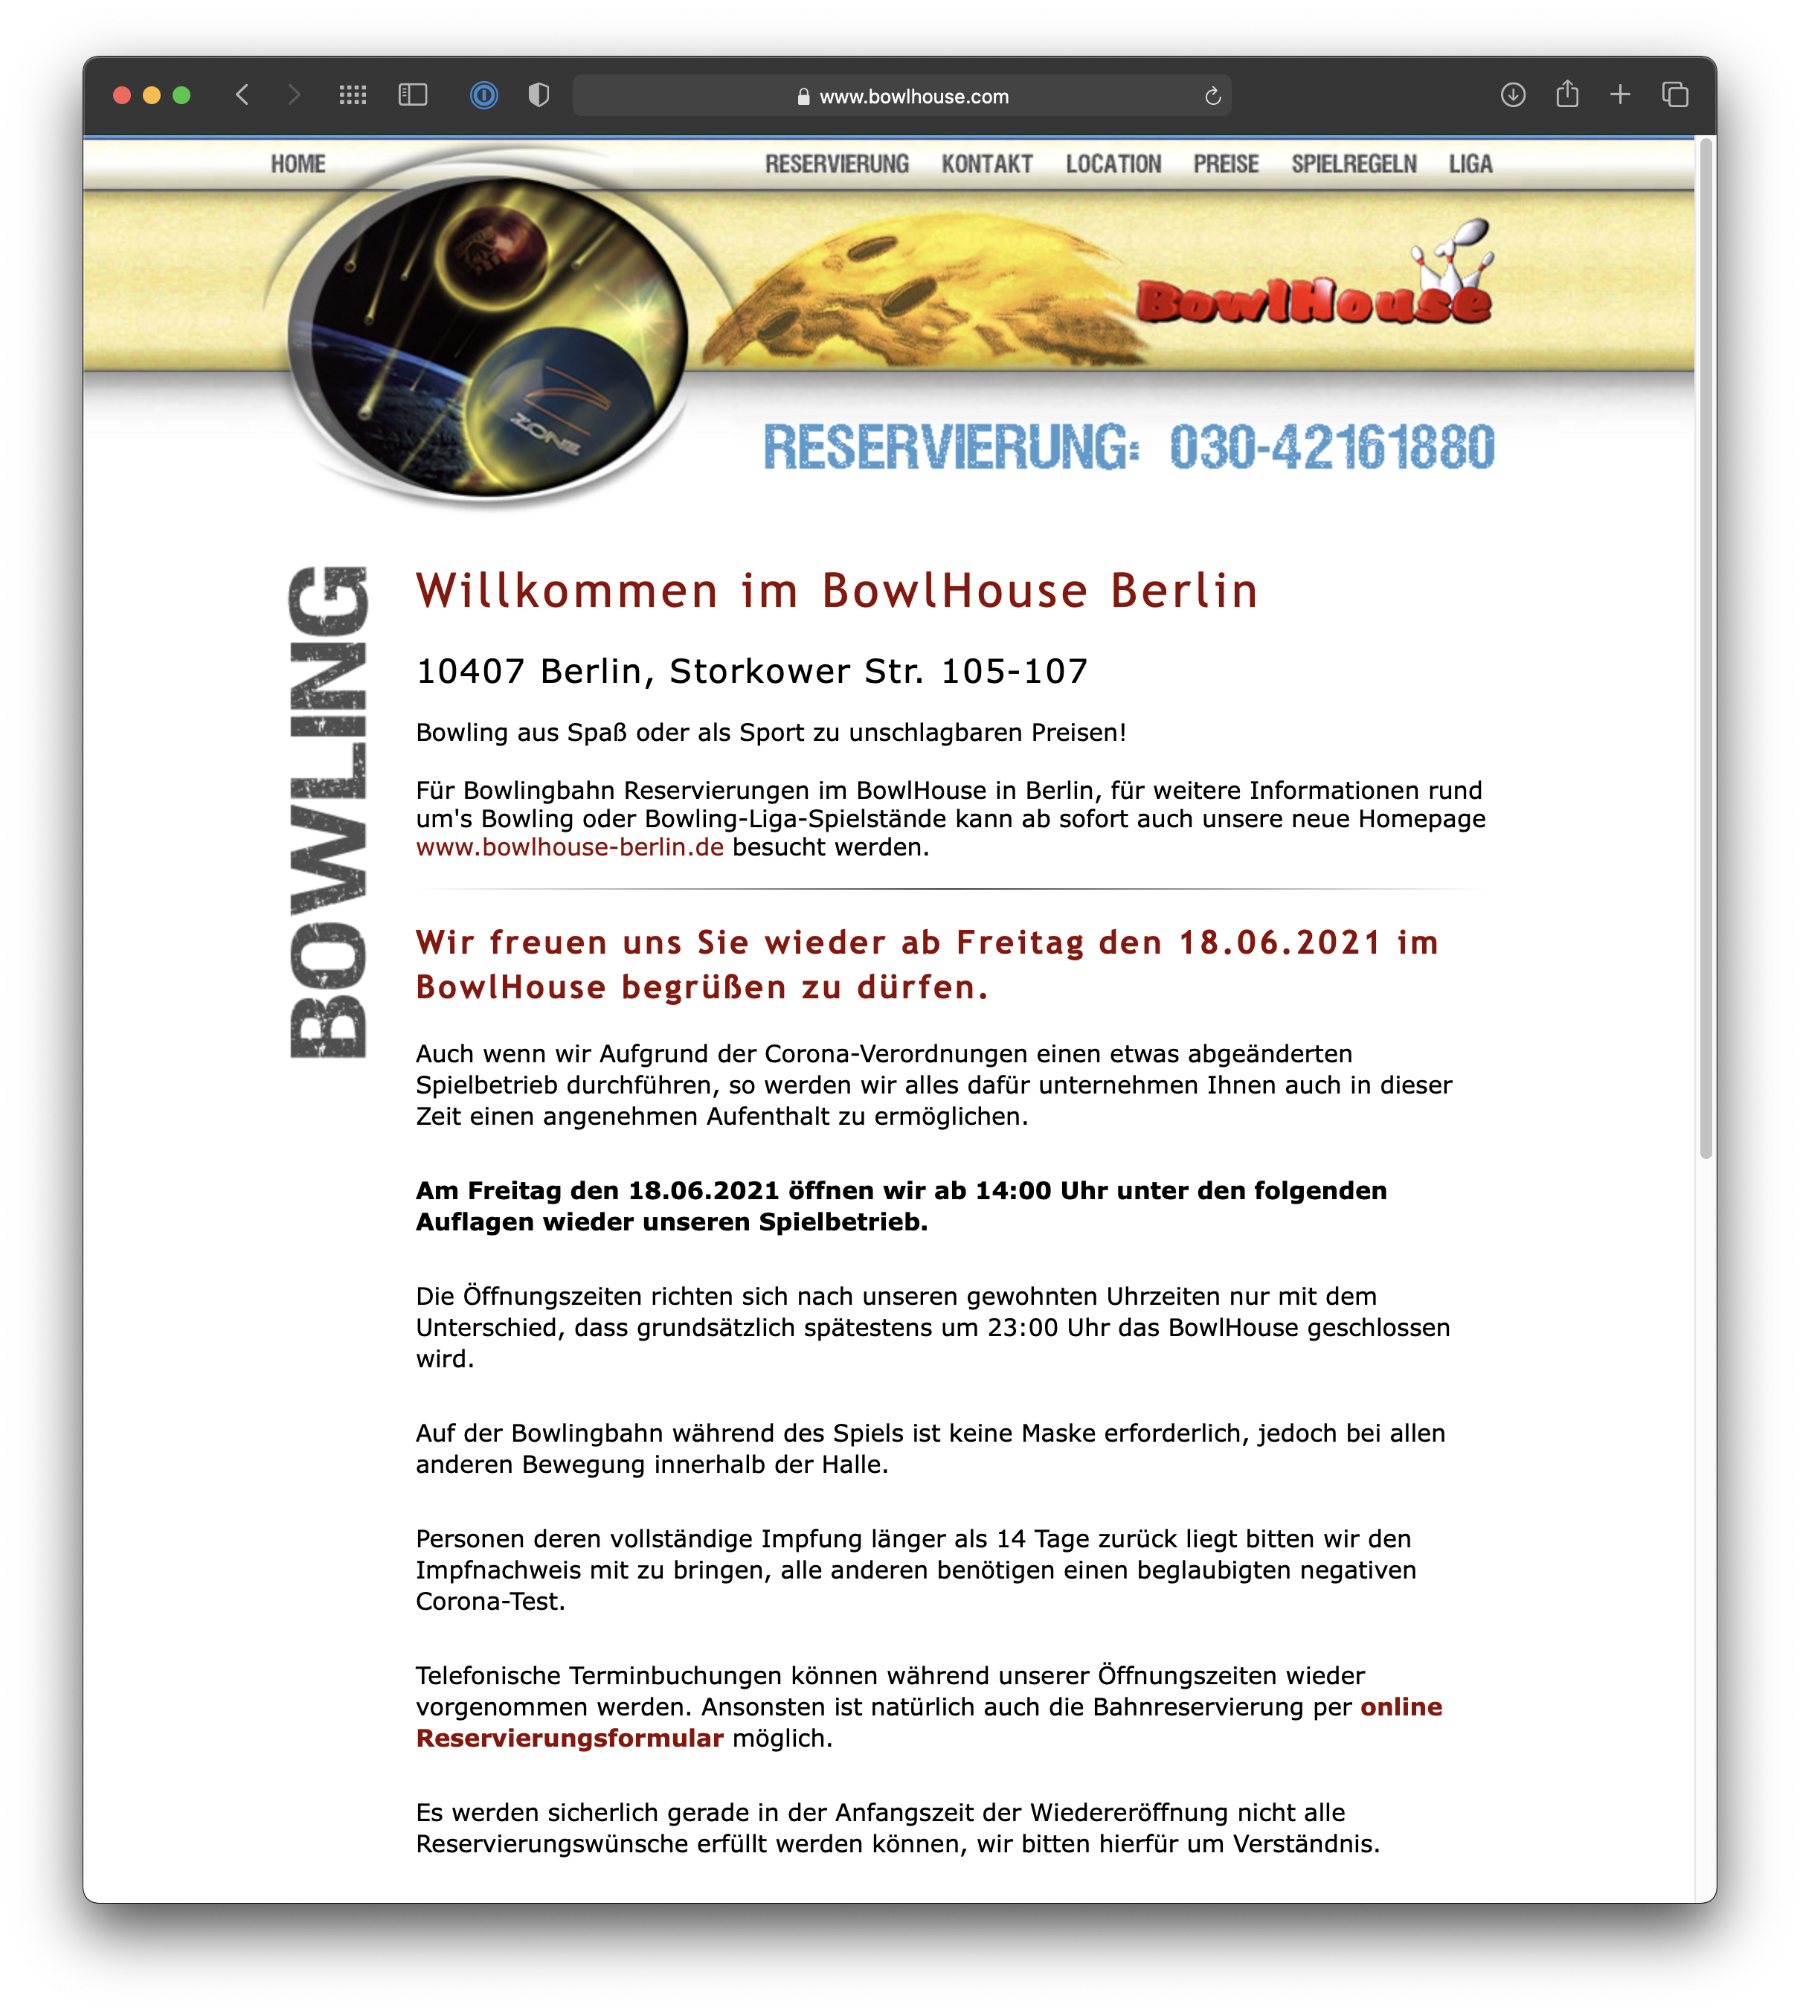 Umsetzung Webdesign BowlHouse